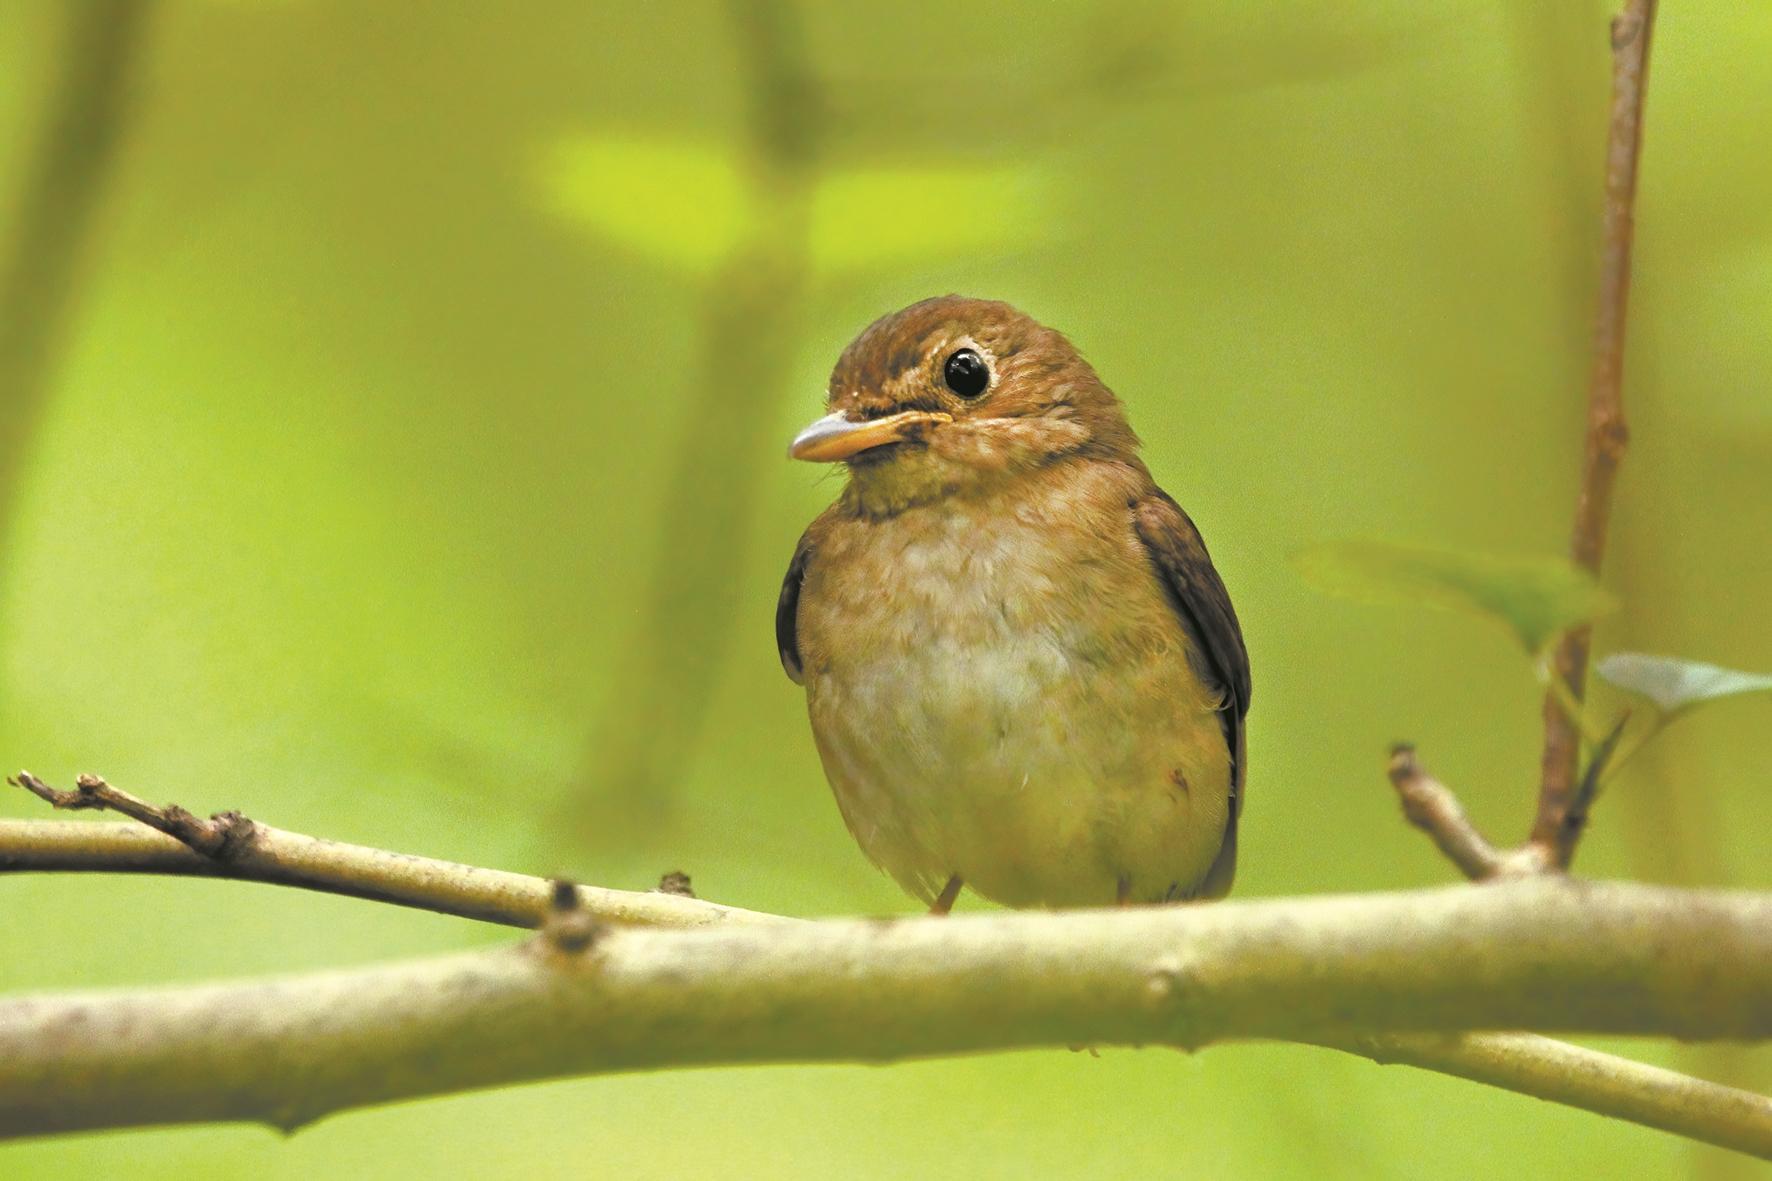 7种!今年武汉鸟类新记录为6年来同期最高